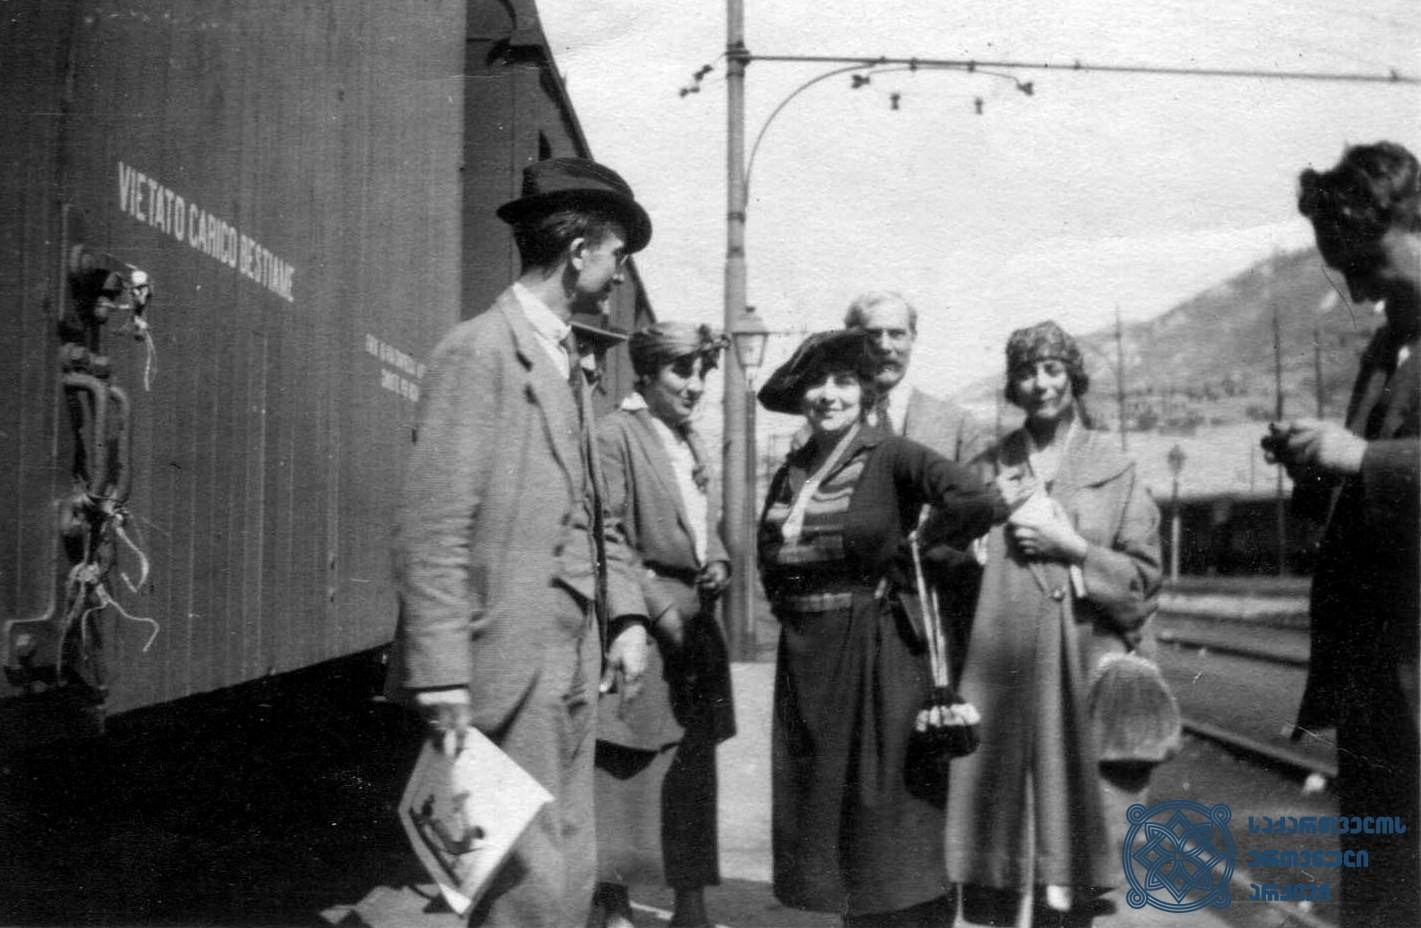 მეორე სოციალისტური ინტერნაციონალის წევრები საქართველოში მოგზაურობისას. 1920 წლის სექტემბერი. <br> The trip of the members of the delegation of the Second Socialist International to Georgia. September 1920.